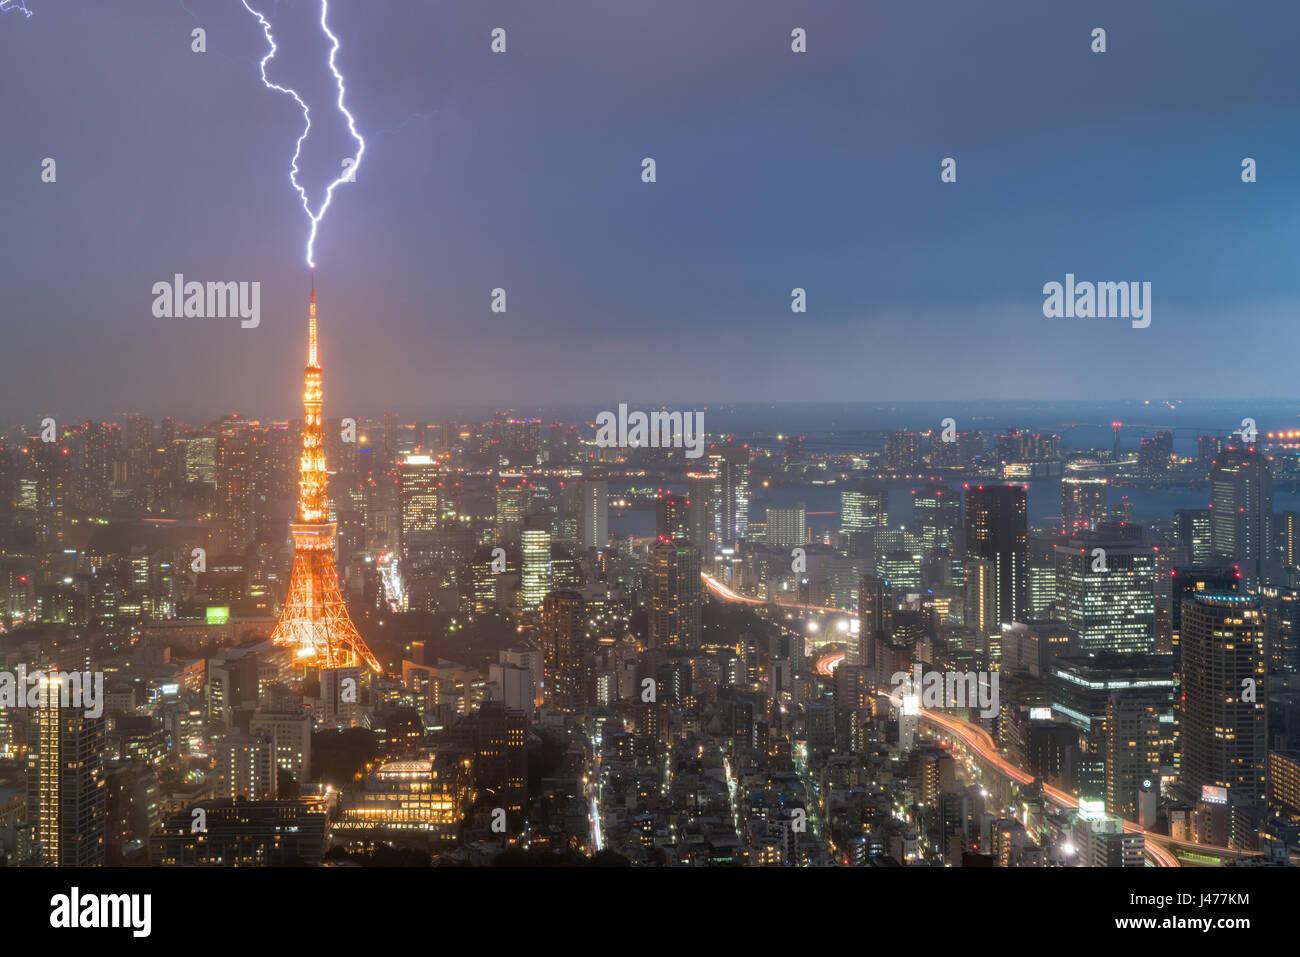 I temporali su Tokyo city, Giappone nella notte con Thunderbolt su Tokyo Tower. Tempesta a Tokyo in Giappone. Immagini Stock